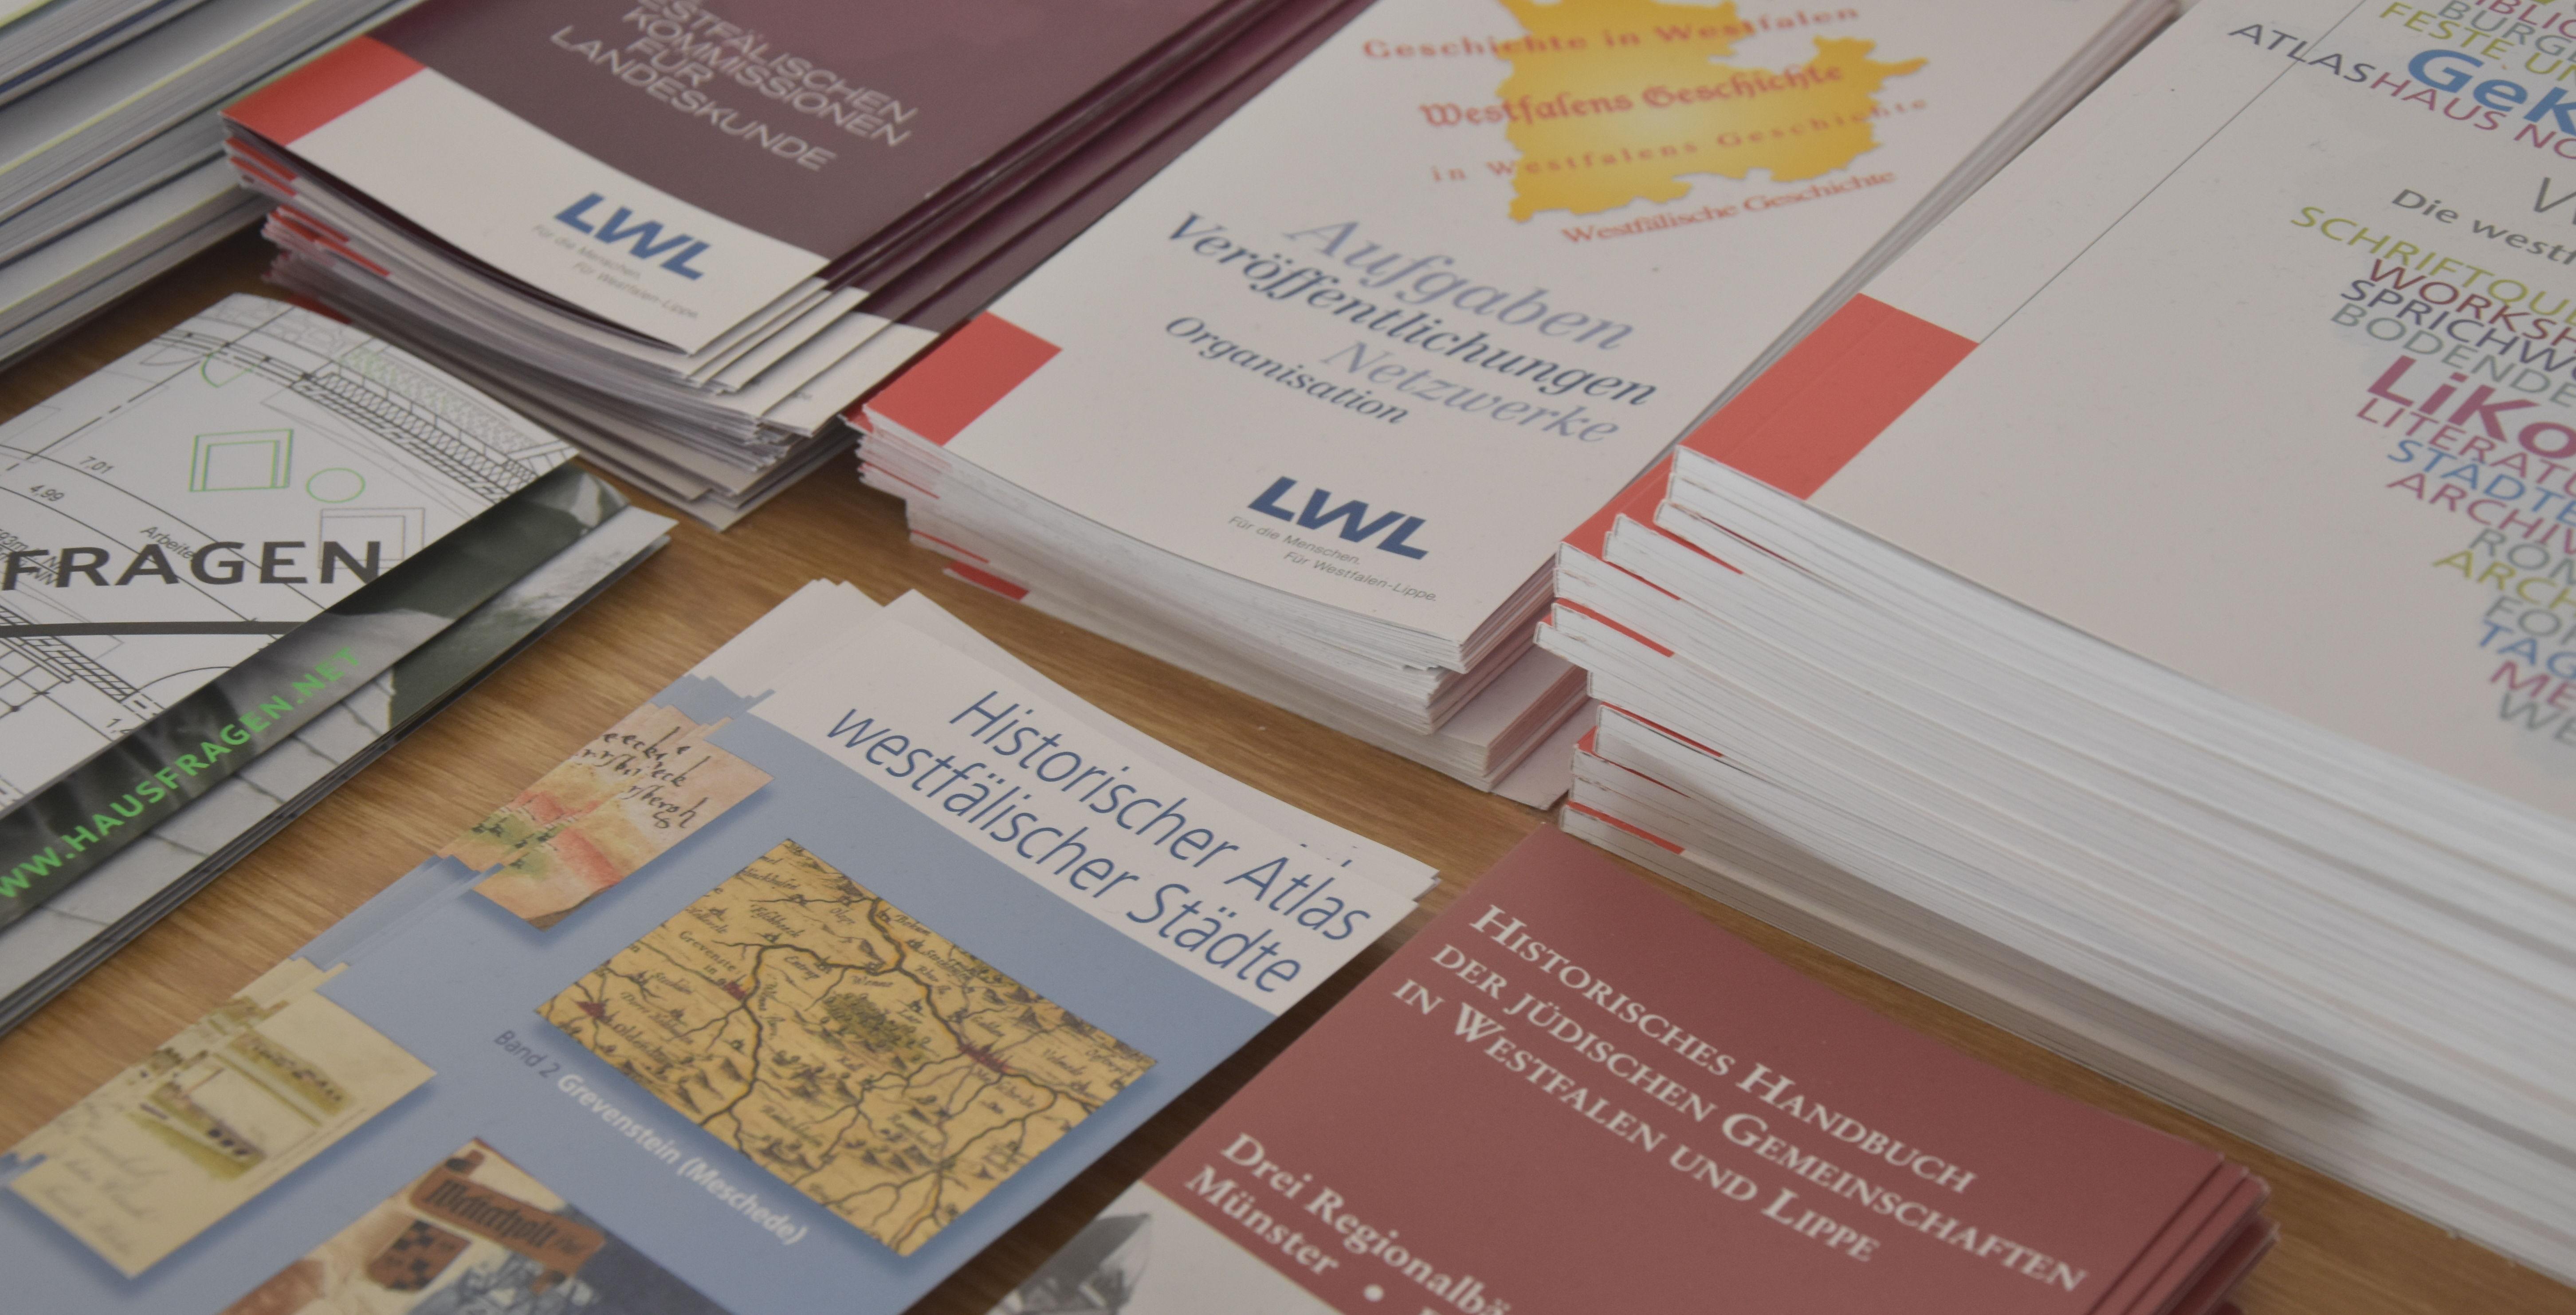 Flyer zu den Projekten der Historischen Kommission.